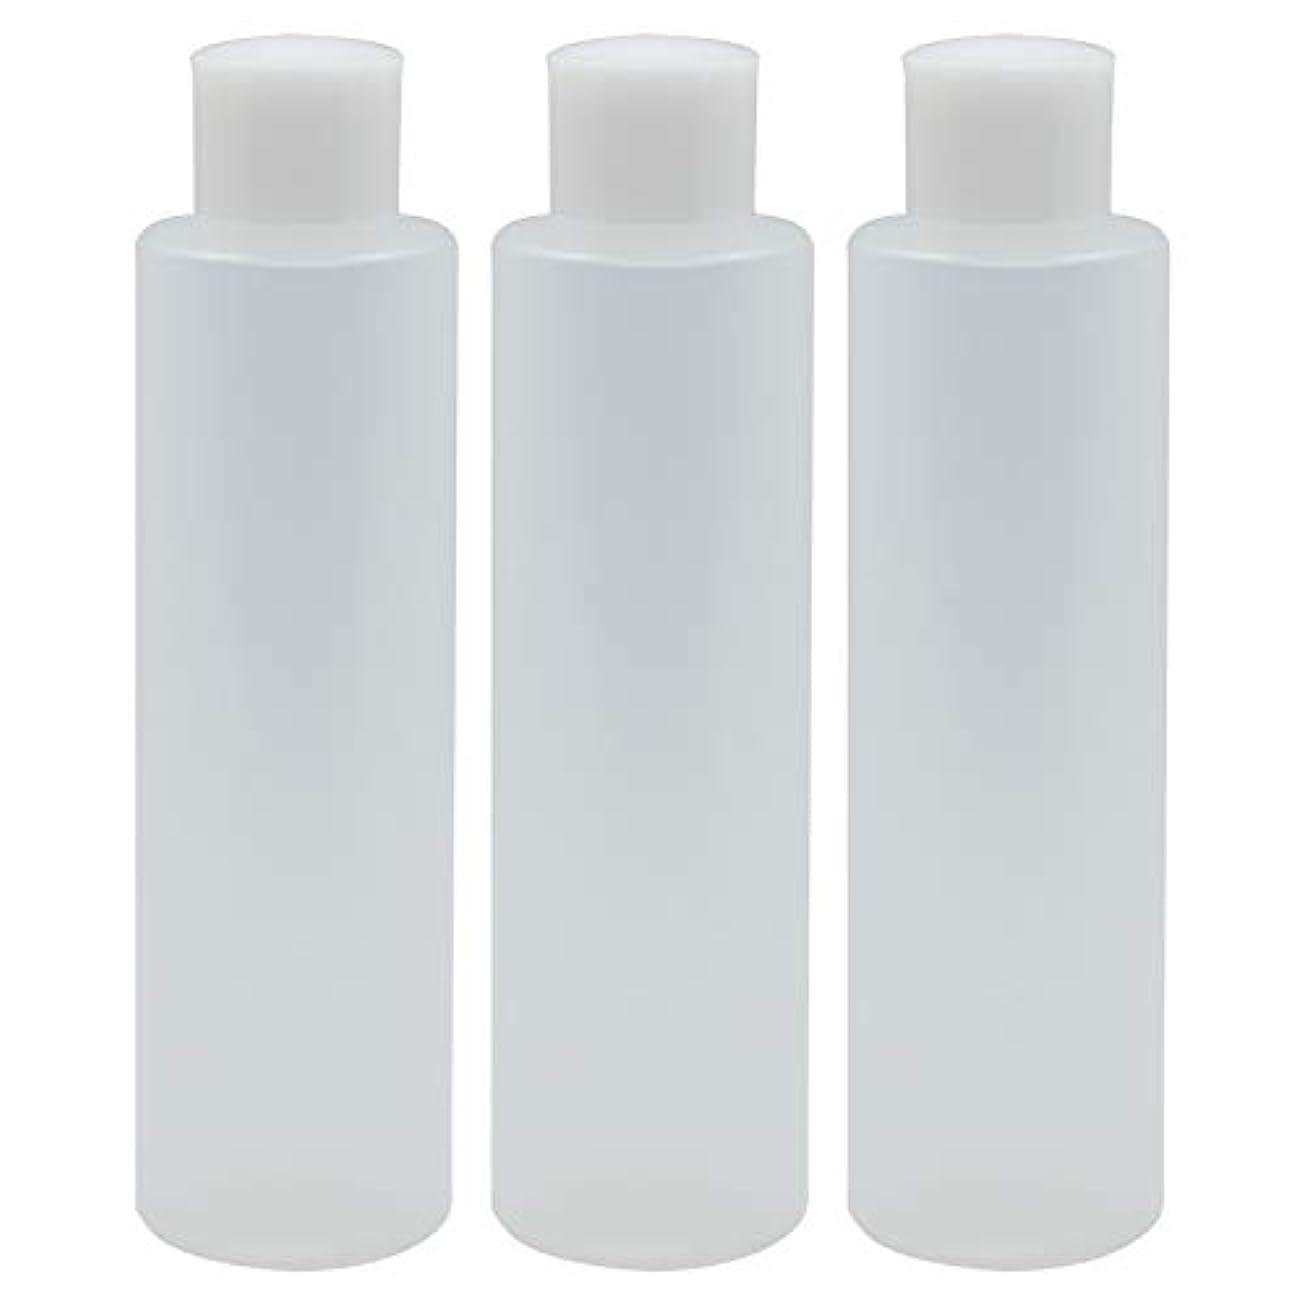 魅力バックアップ負日本製 PPボトル 半透明 スクリューキャップ 中栓付き 3本セット